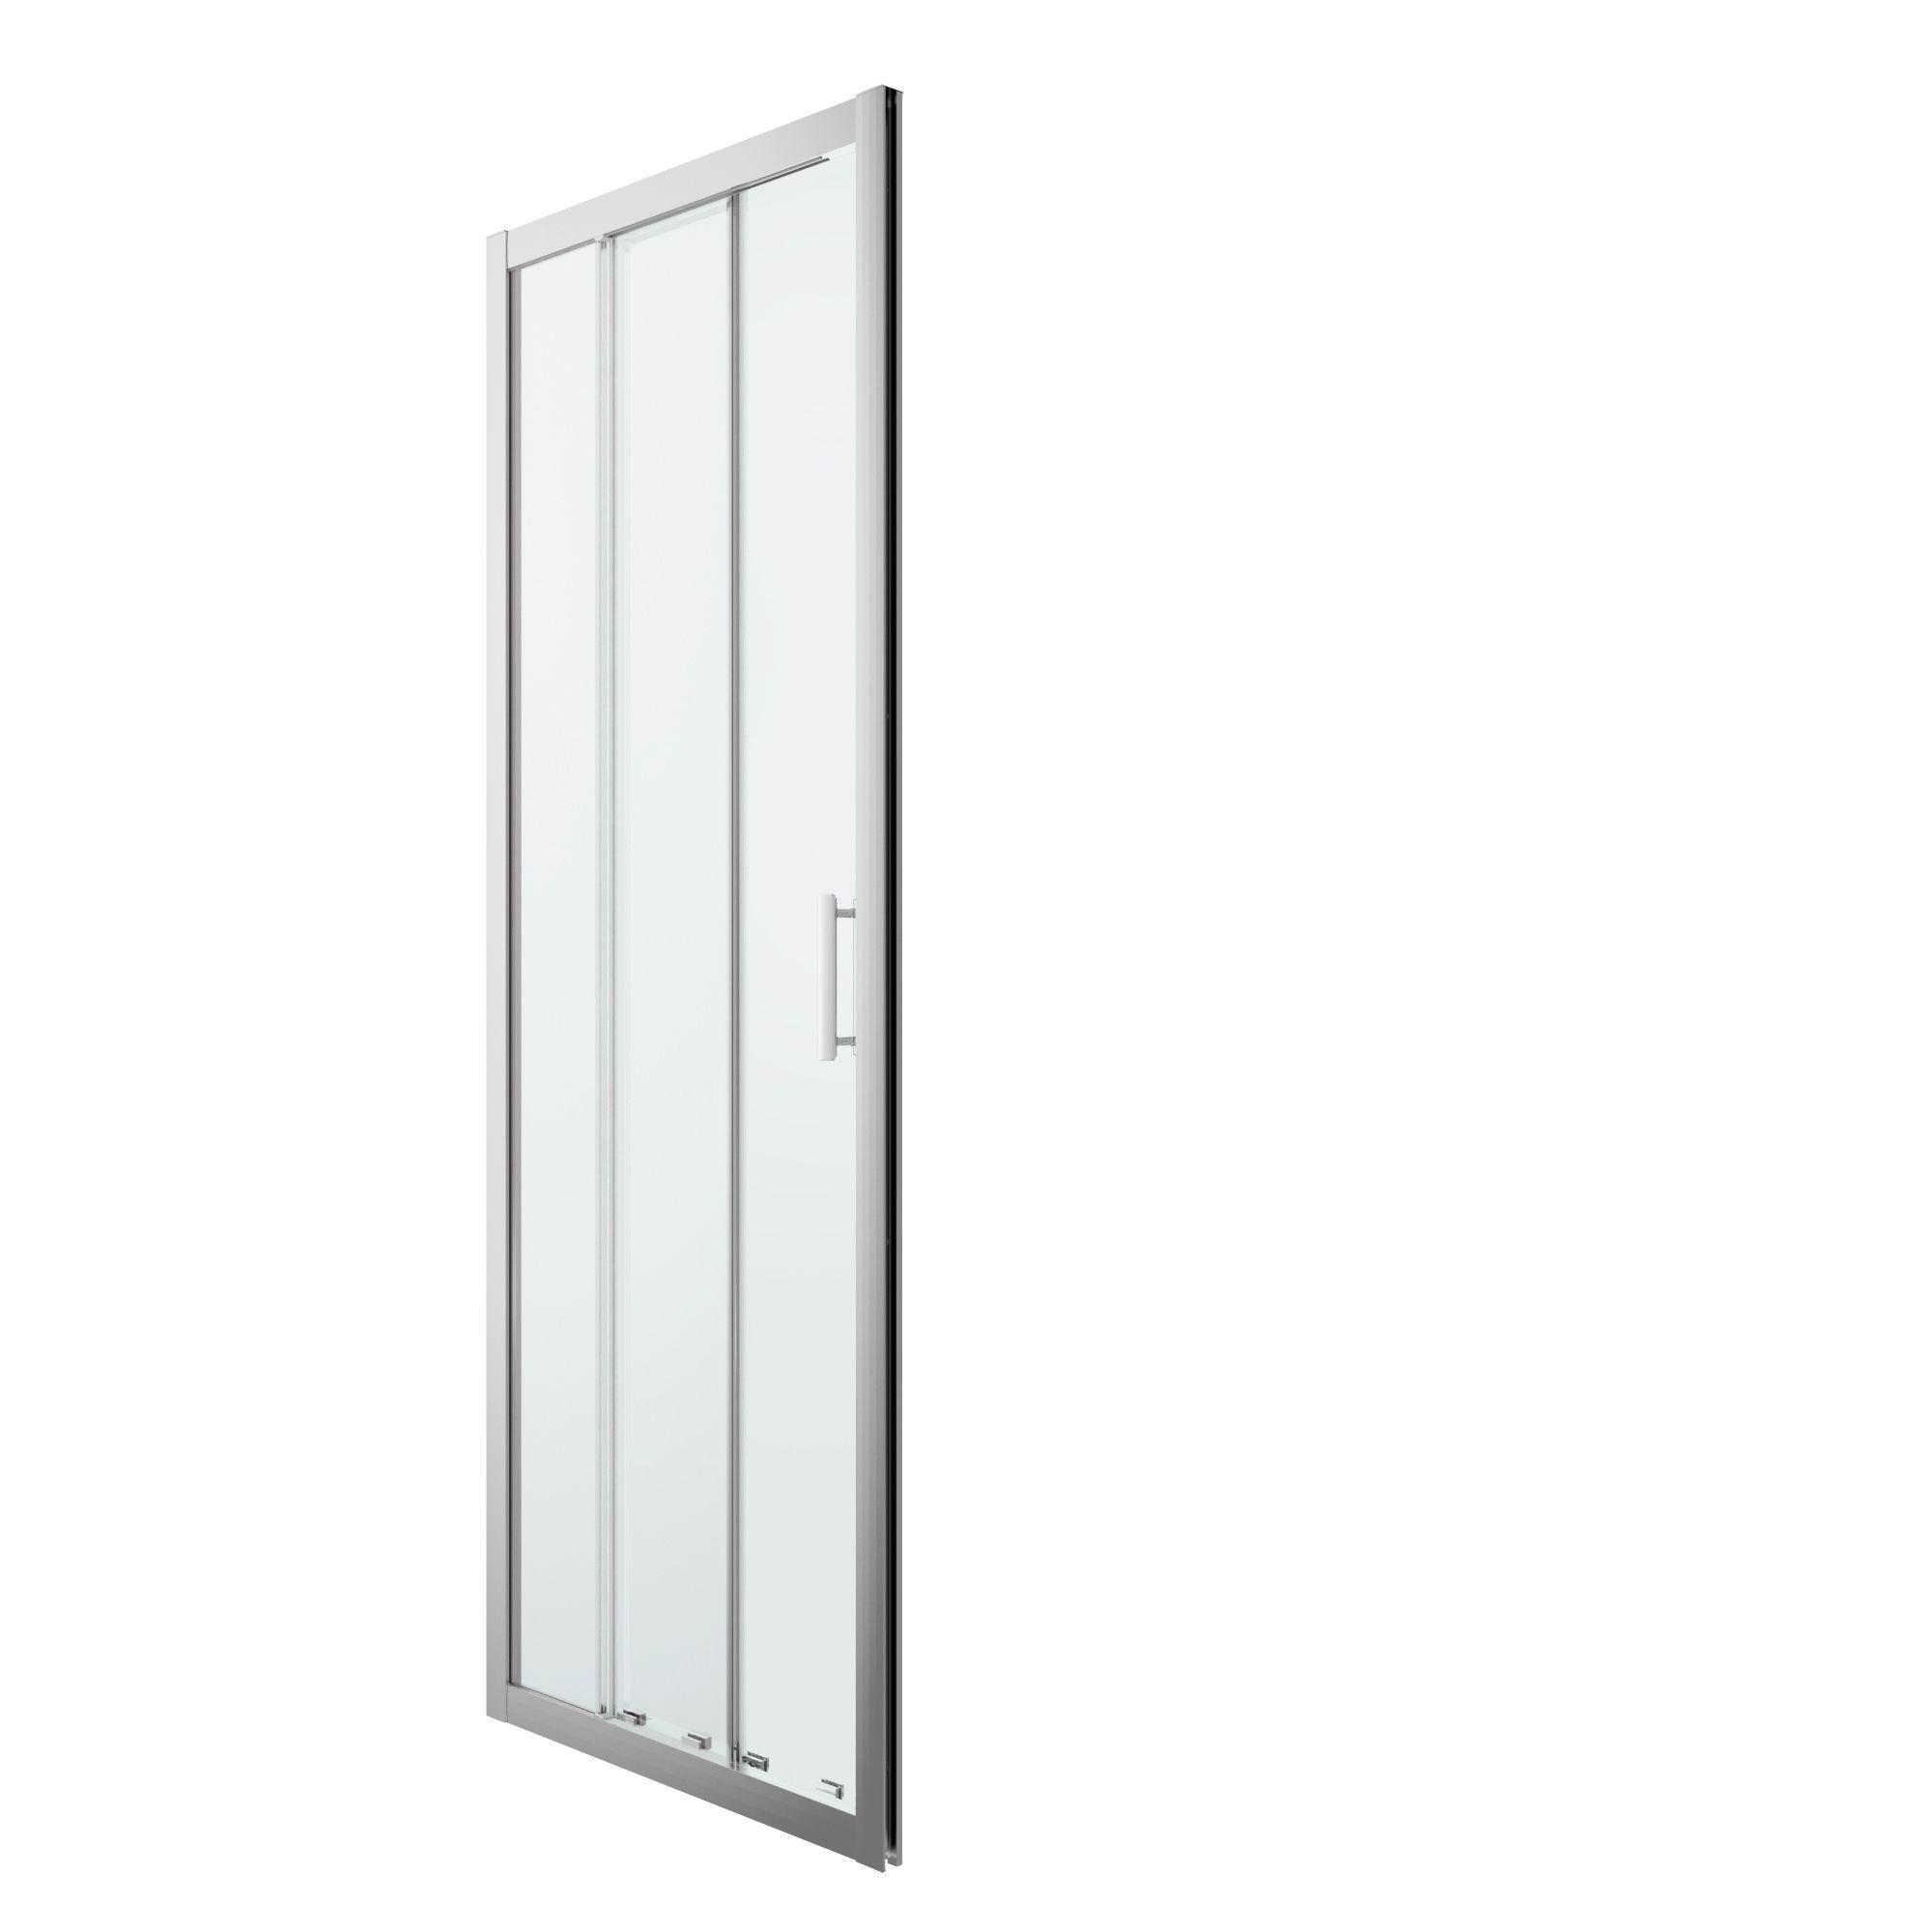 Cooke & Lewis Beloya 3 Panel Sliding Shower Door (w)760mm